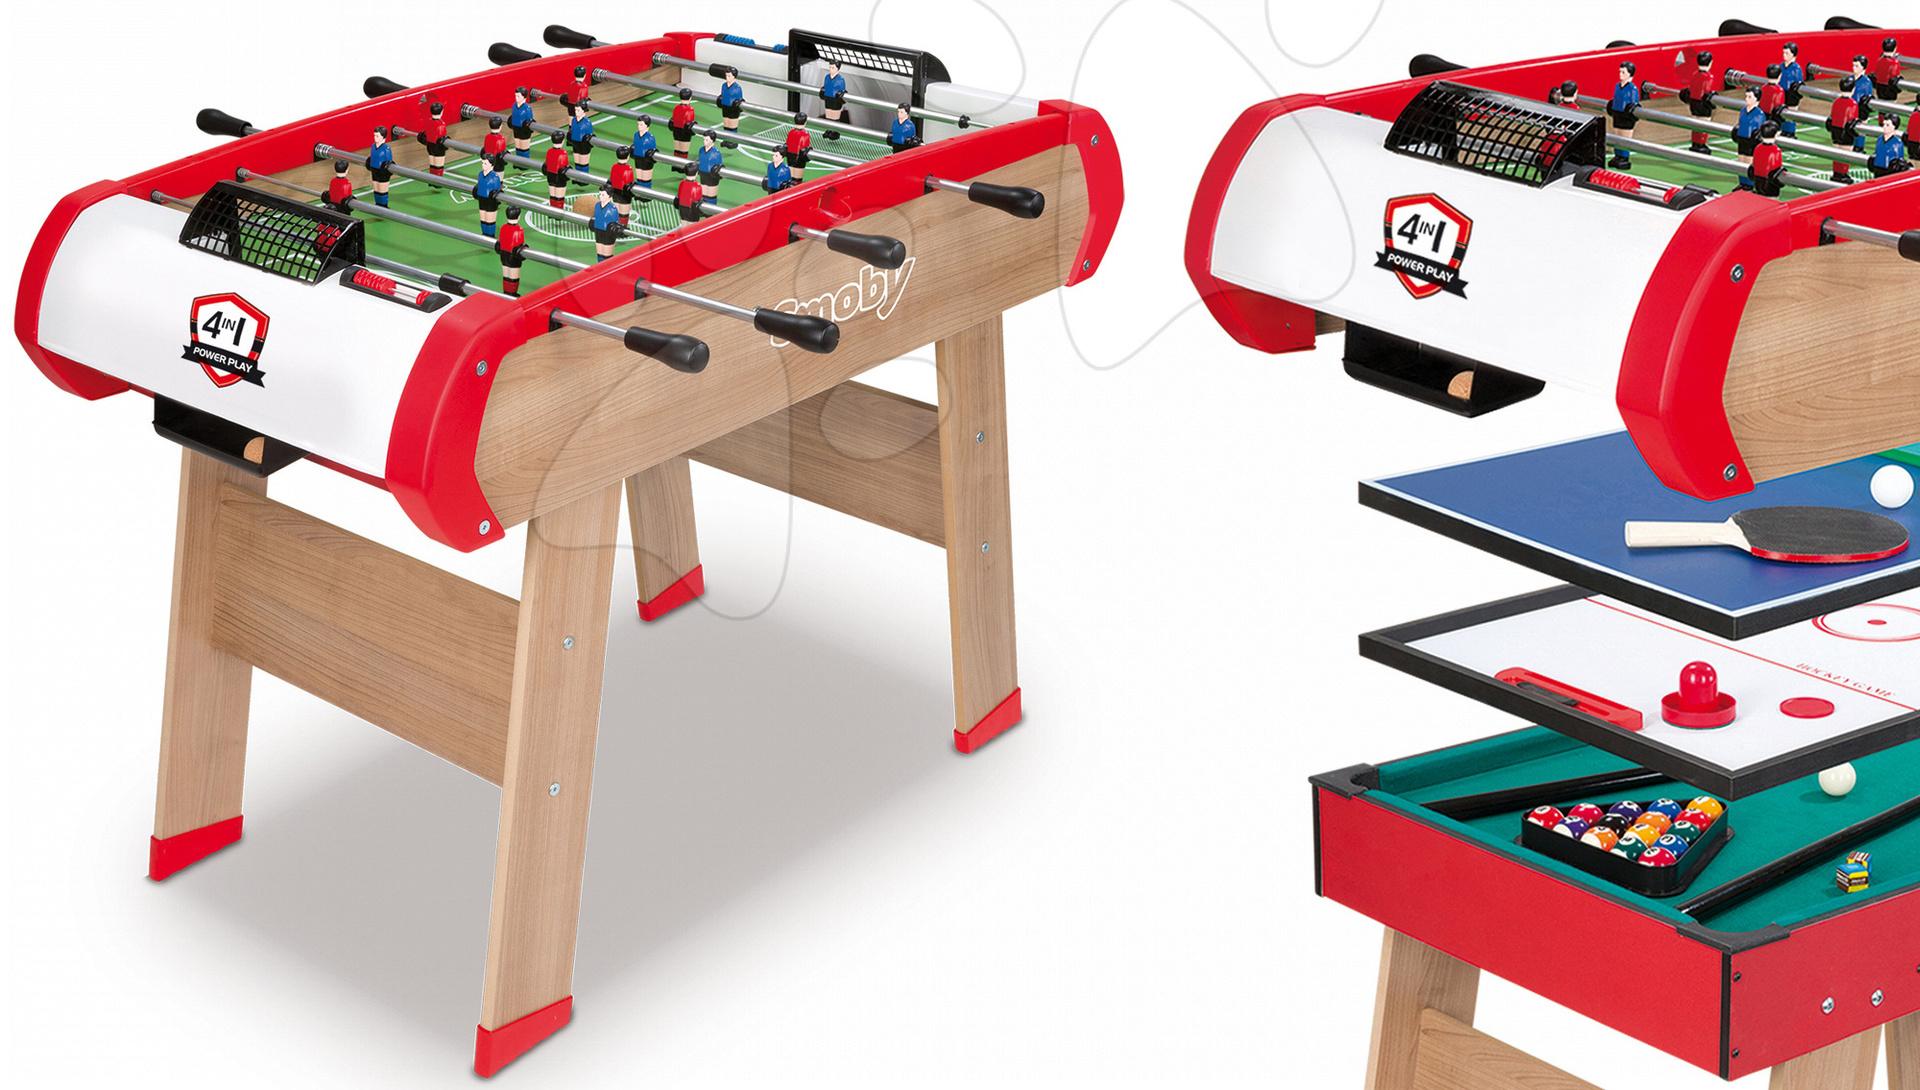 Stolný futbal - Futbalový stôl Power Play 4v1 Smoby multifunkčný od 8 rokov